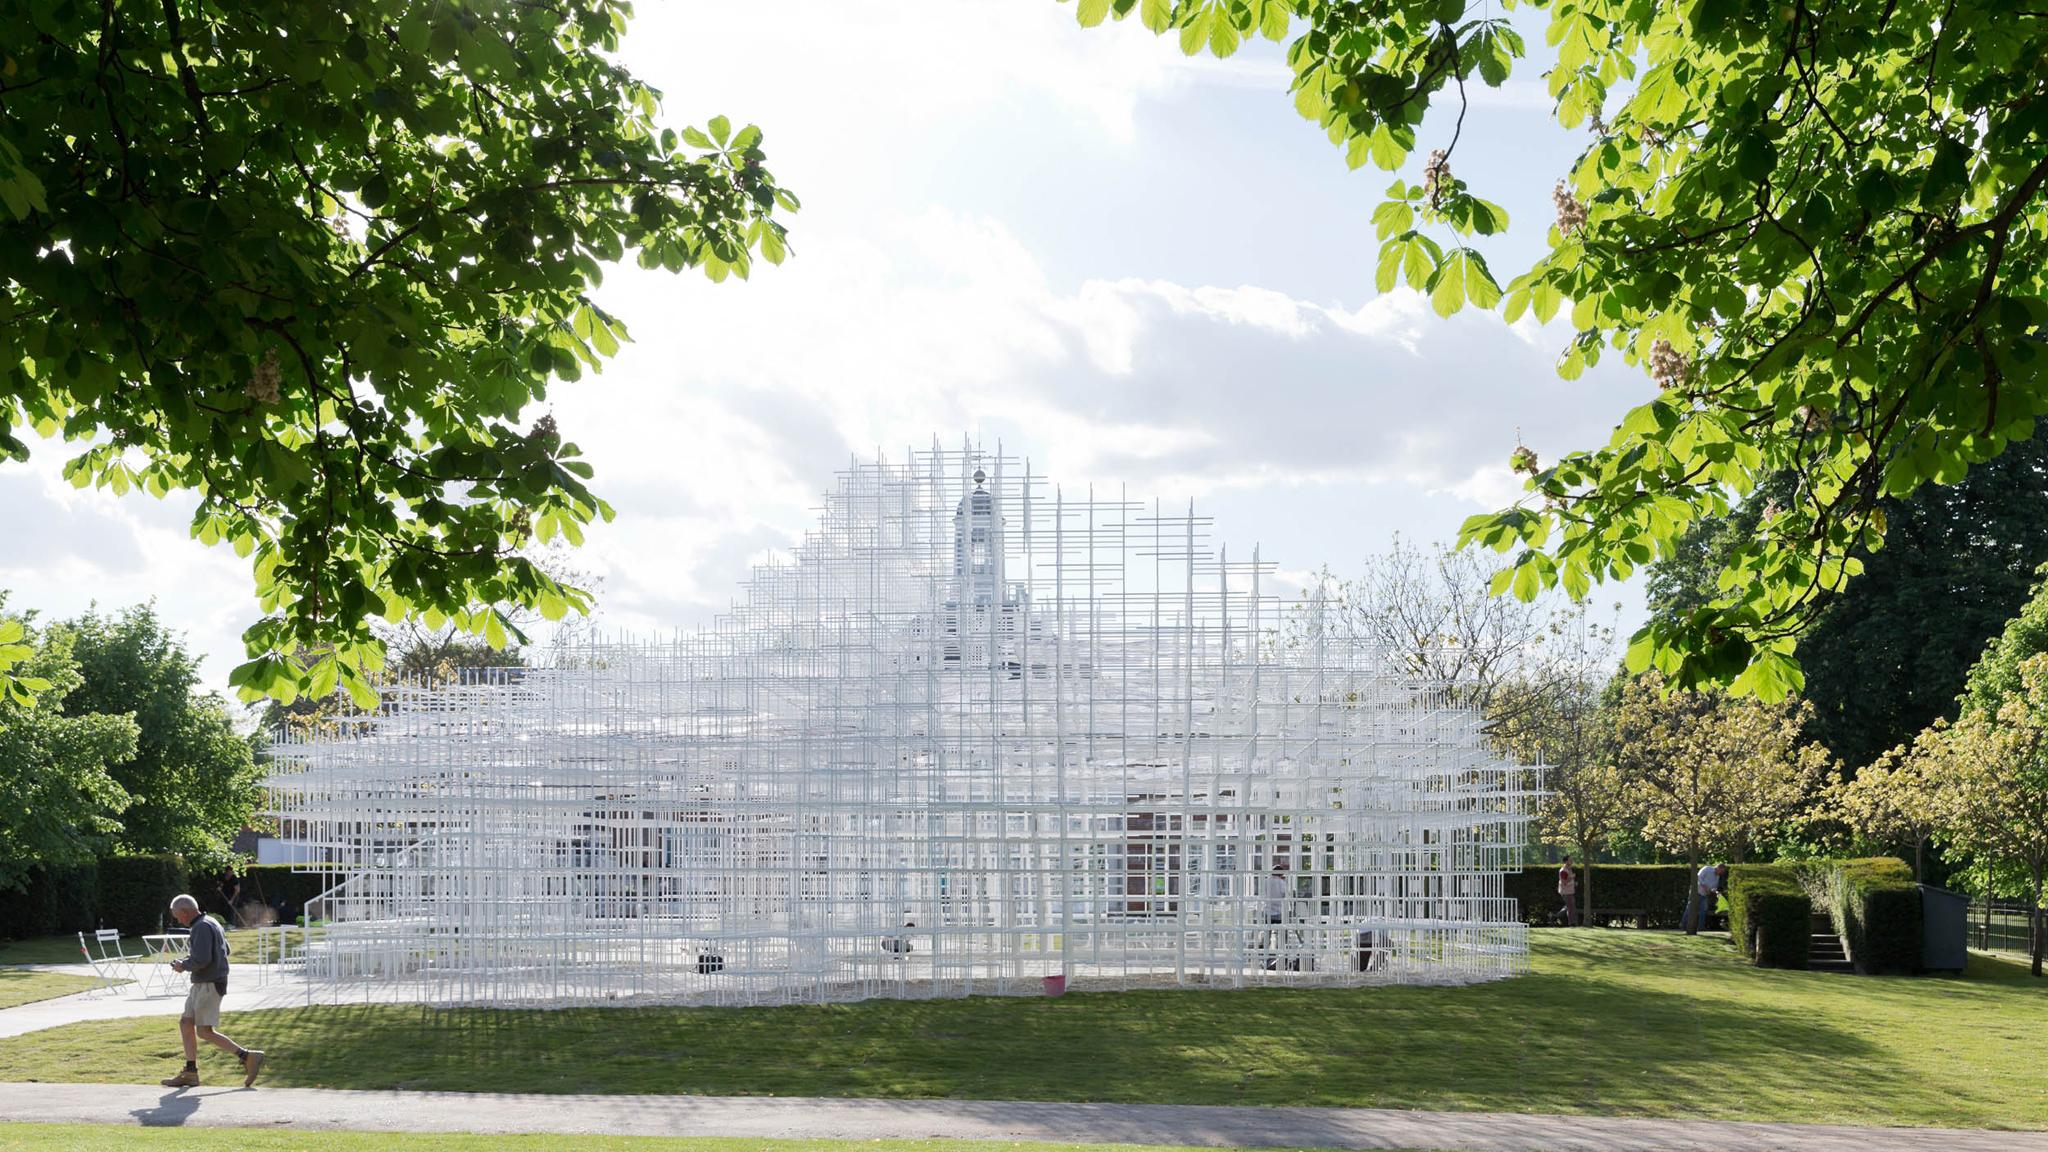 Serpentine Gallery Pavilion 2013